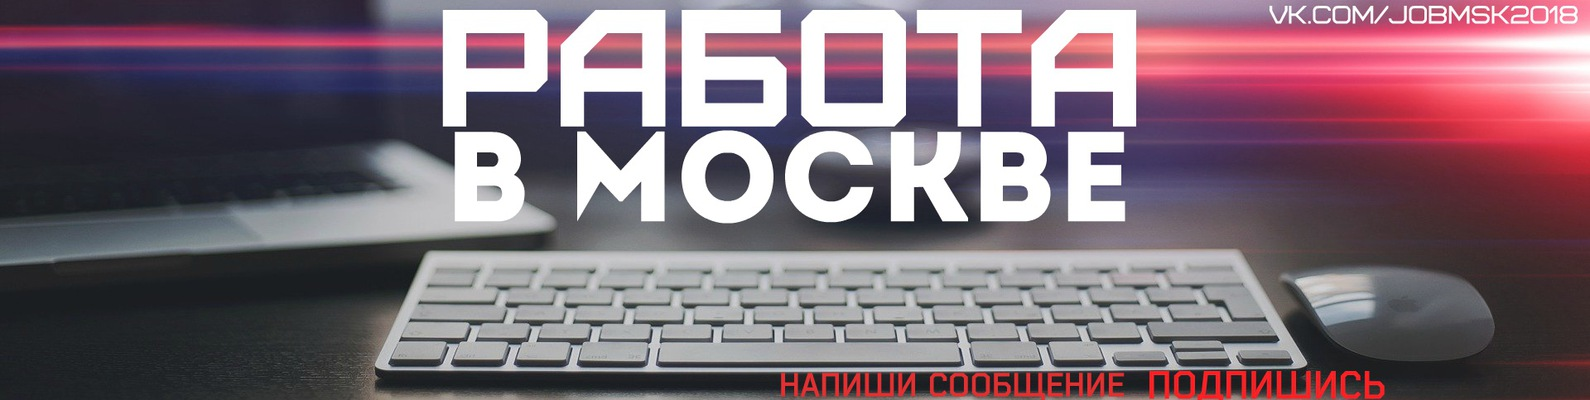 Работа проектировщиком в москве удаленно вакансии работа онлайн консультантом в интернет магазине удаленно